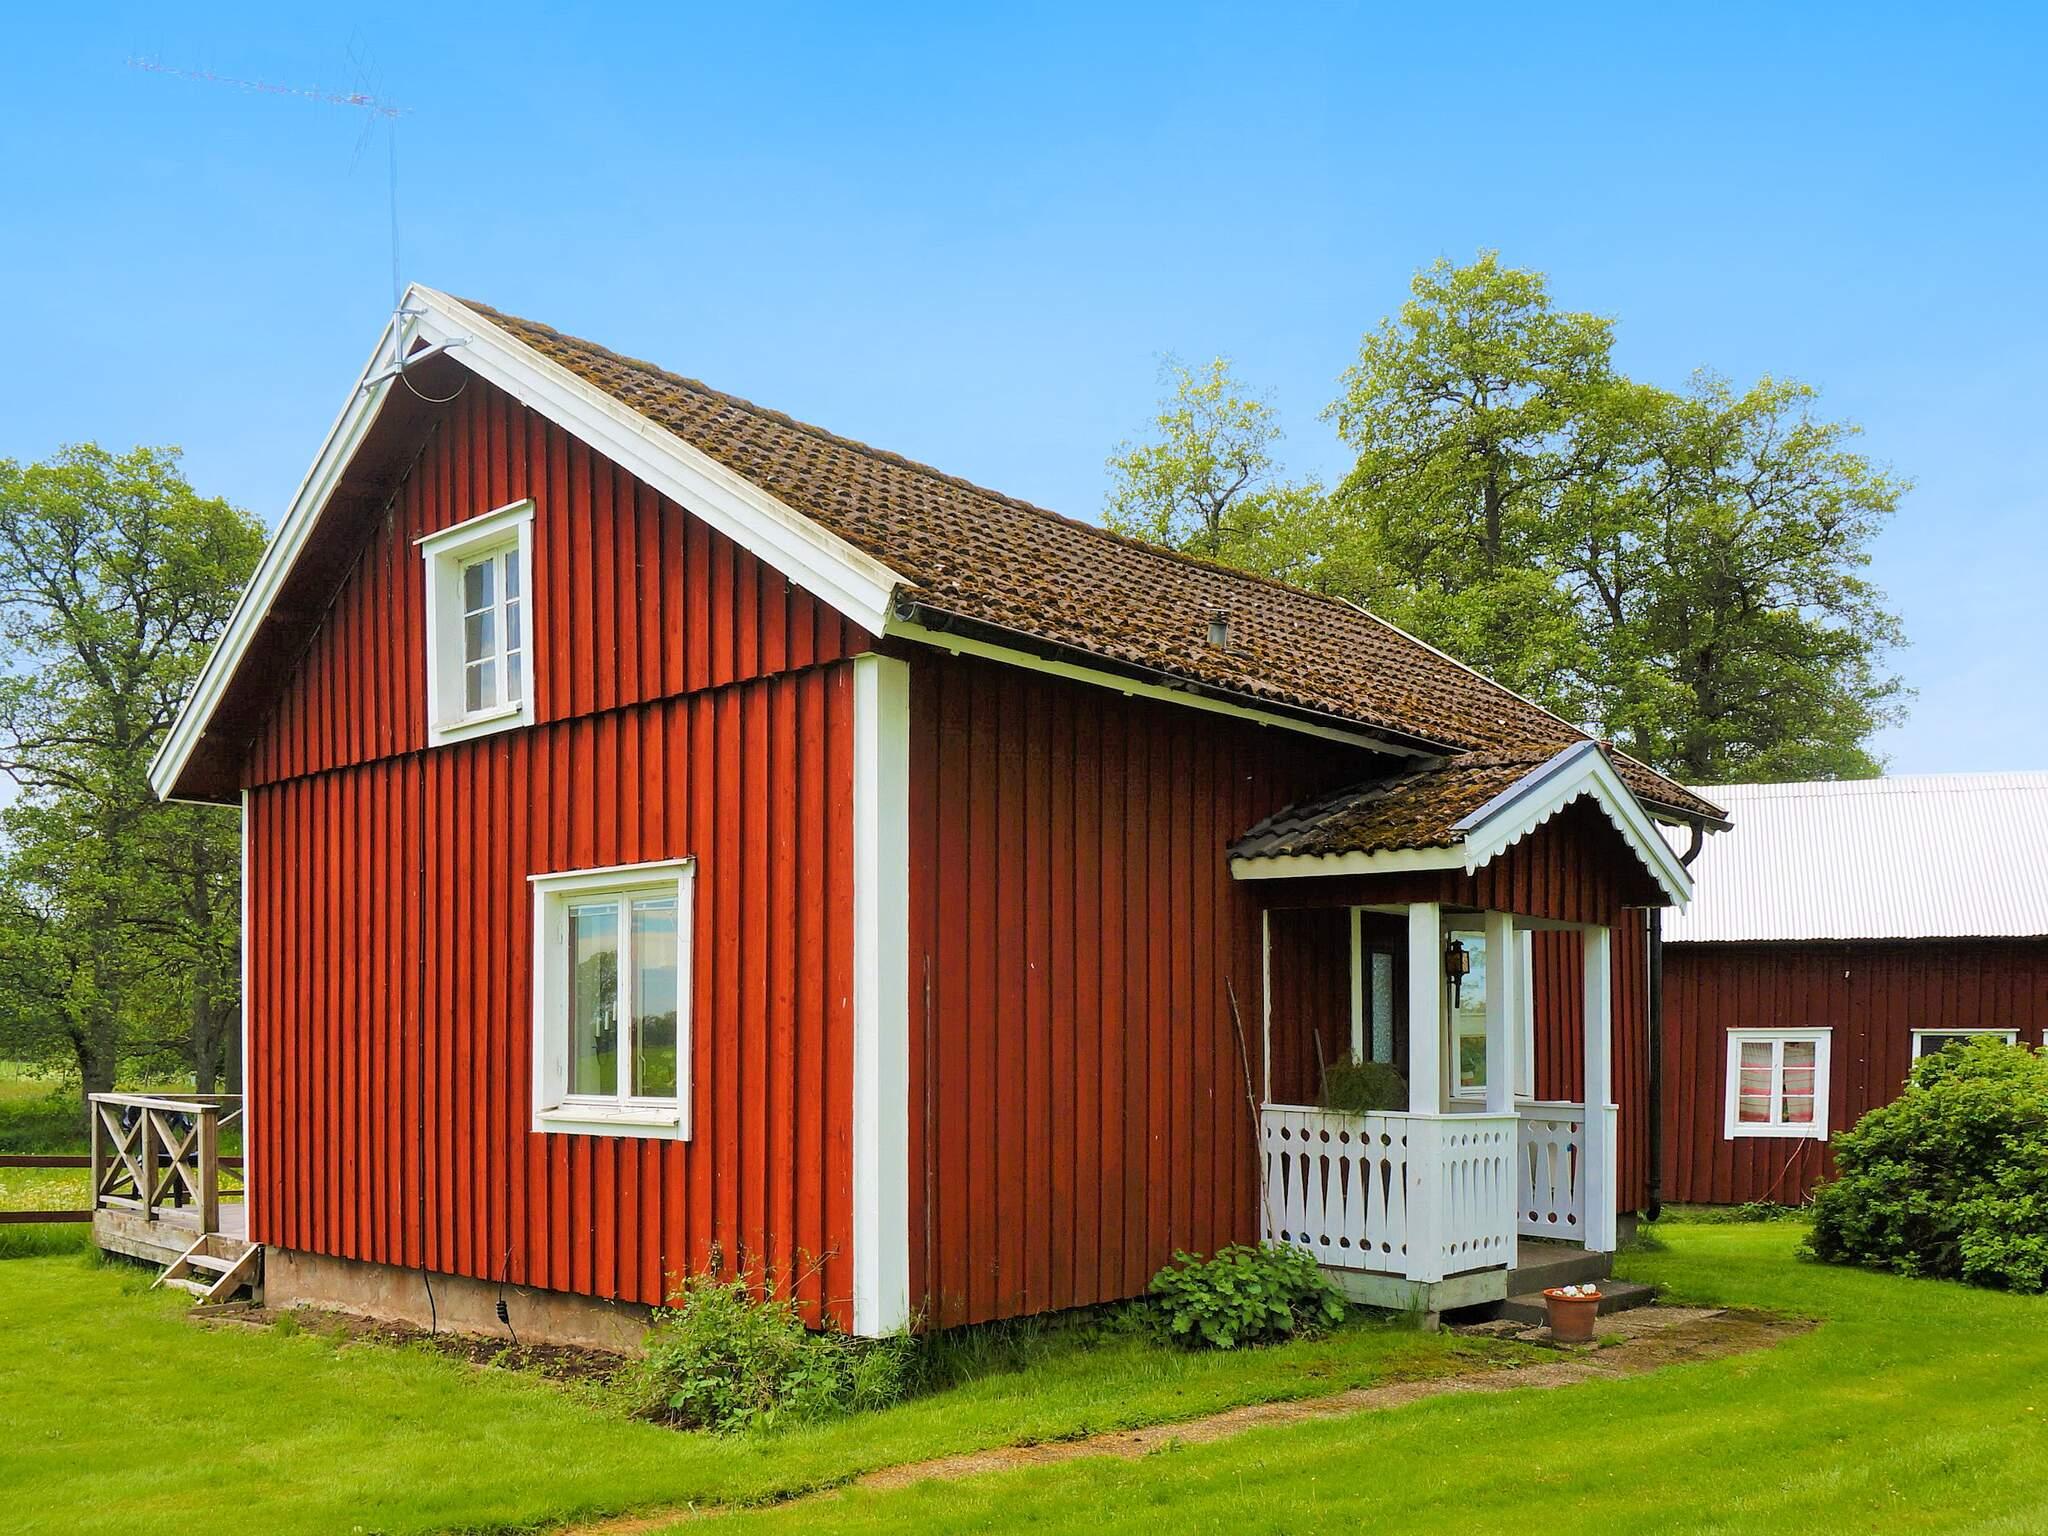 Ferienhaus Lidköping (2633224), Götene, Västra Götaland län, Westschweden, Schweden, Bild 1